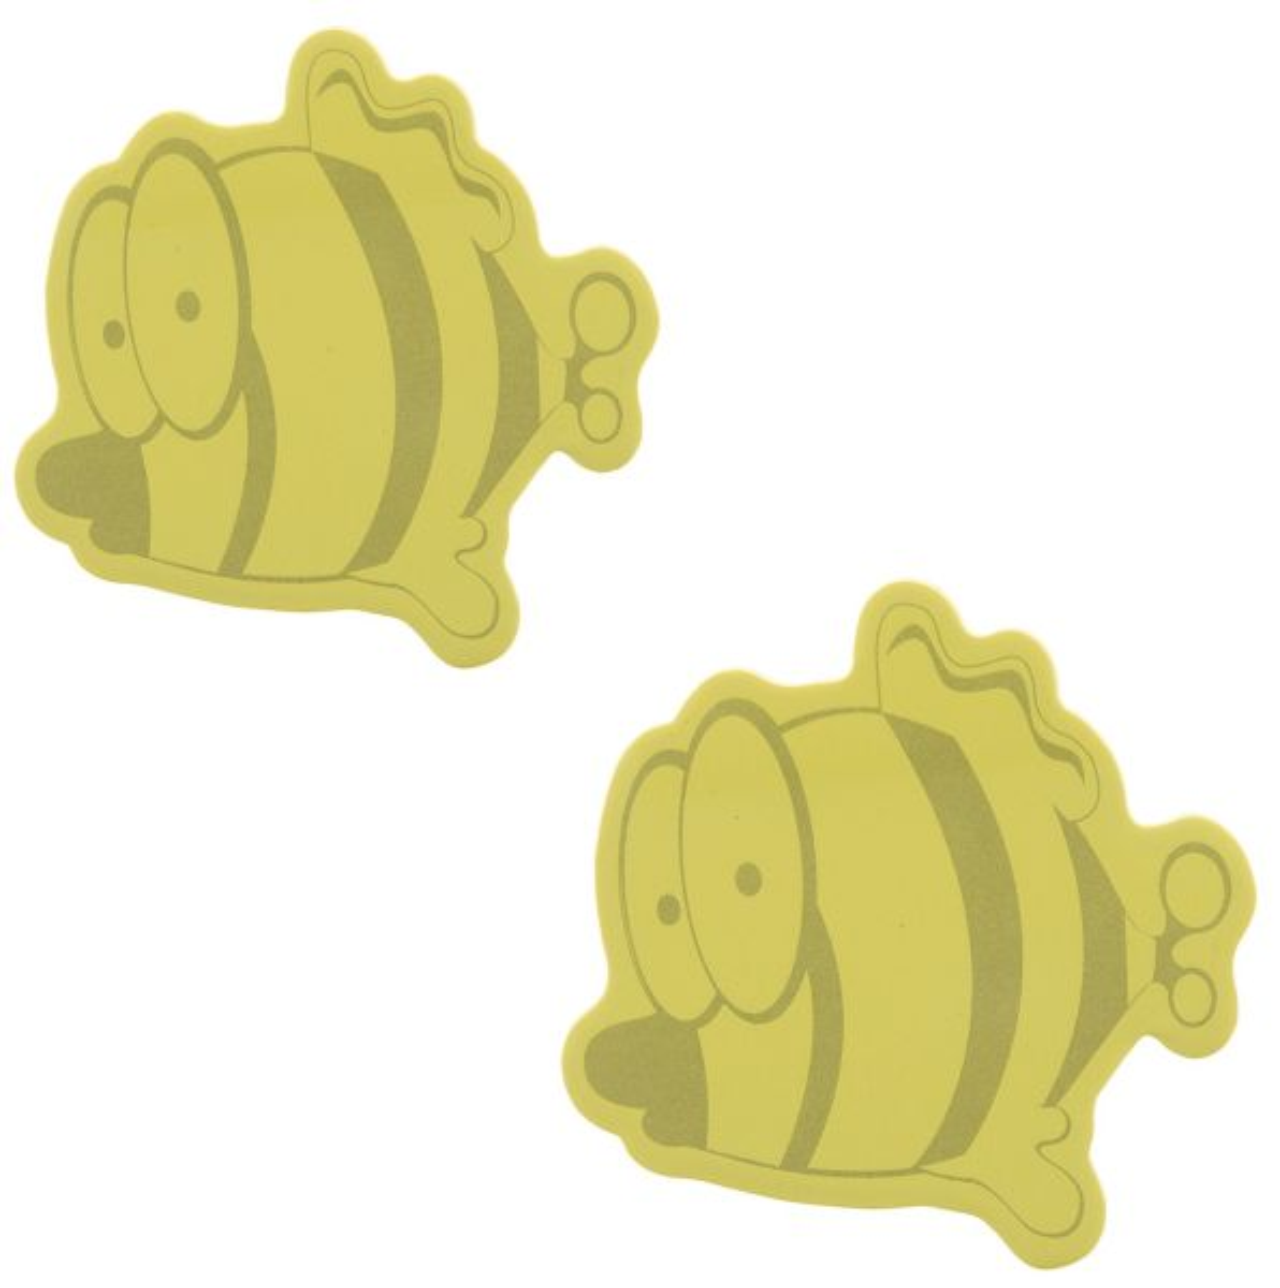 کاغذ یادداشت چسب دار فنس طرح ماهی کد 9210 بسته 70 عددی